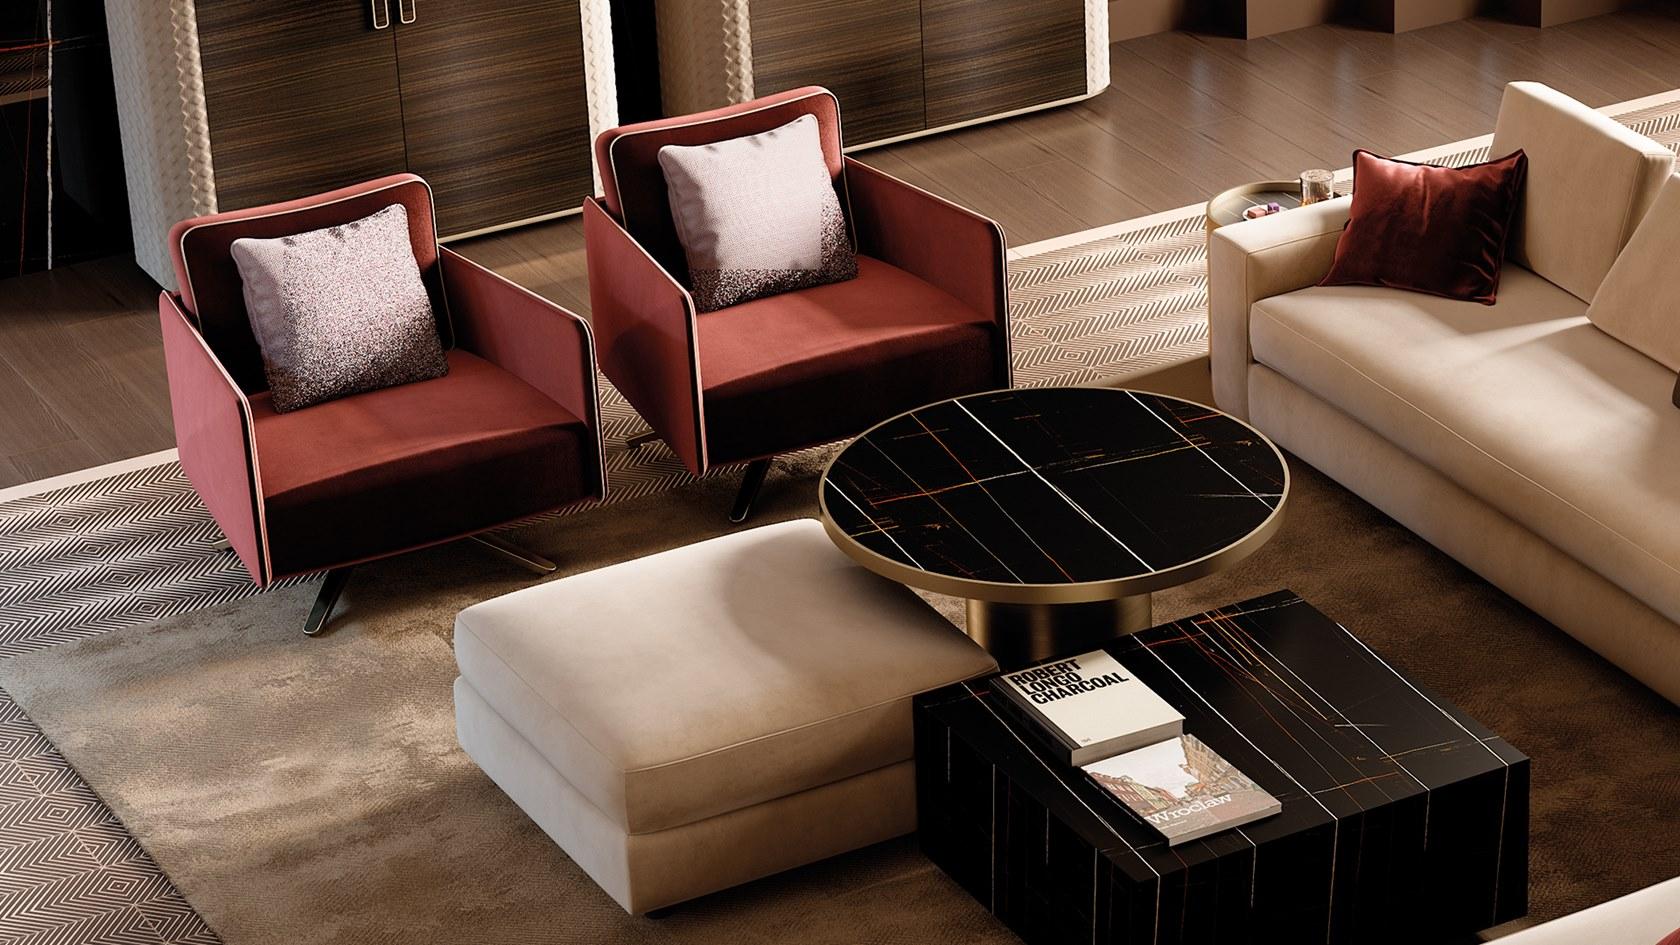 意大利 Reflex Emanuele Missaglia DIAMANTE sofa 钻石沙发 布艺真皮不锈钢沙发休闲椅